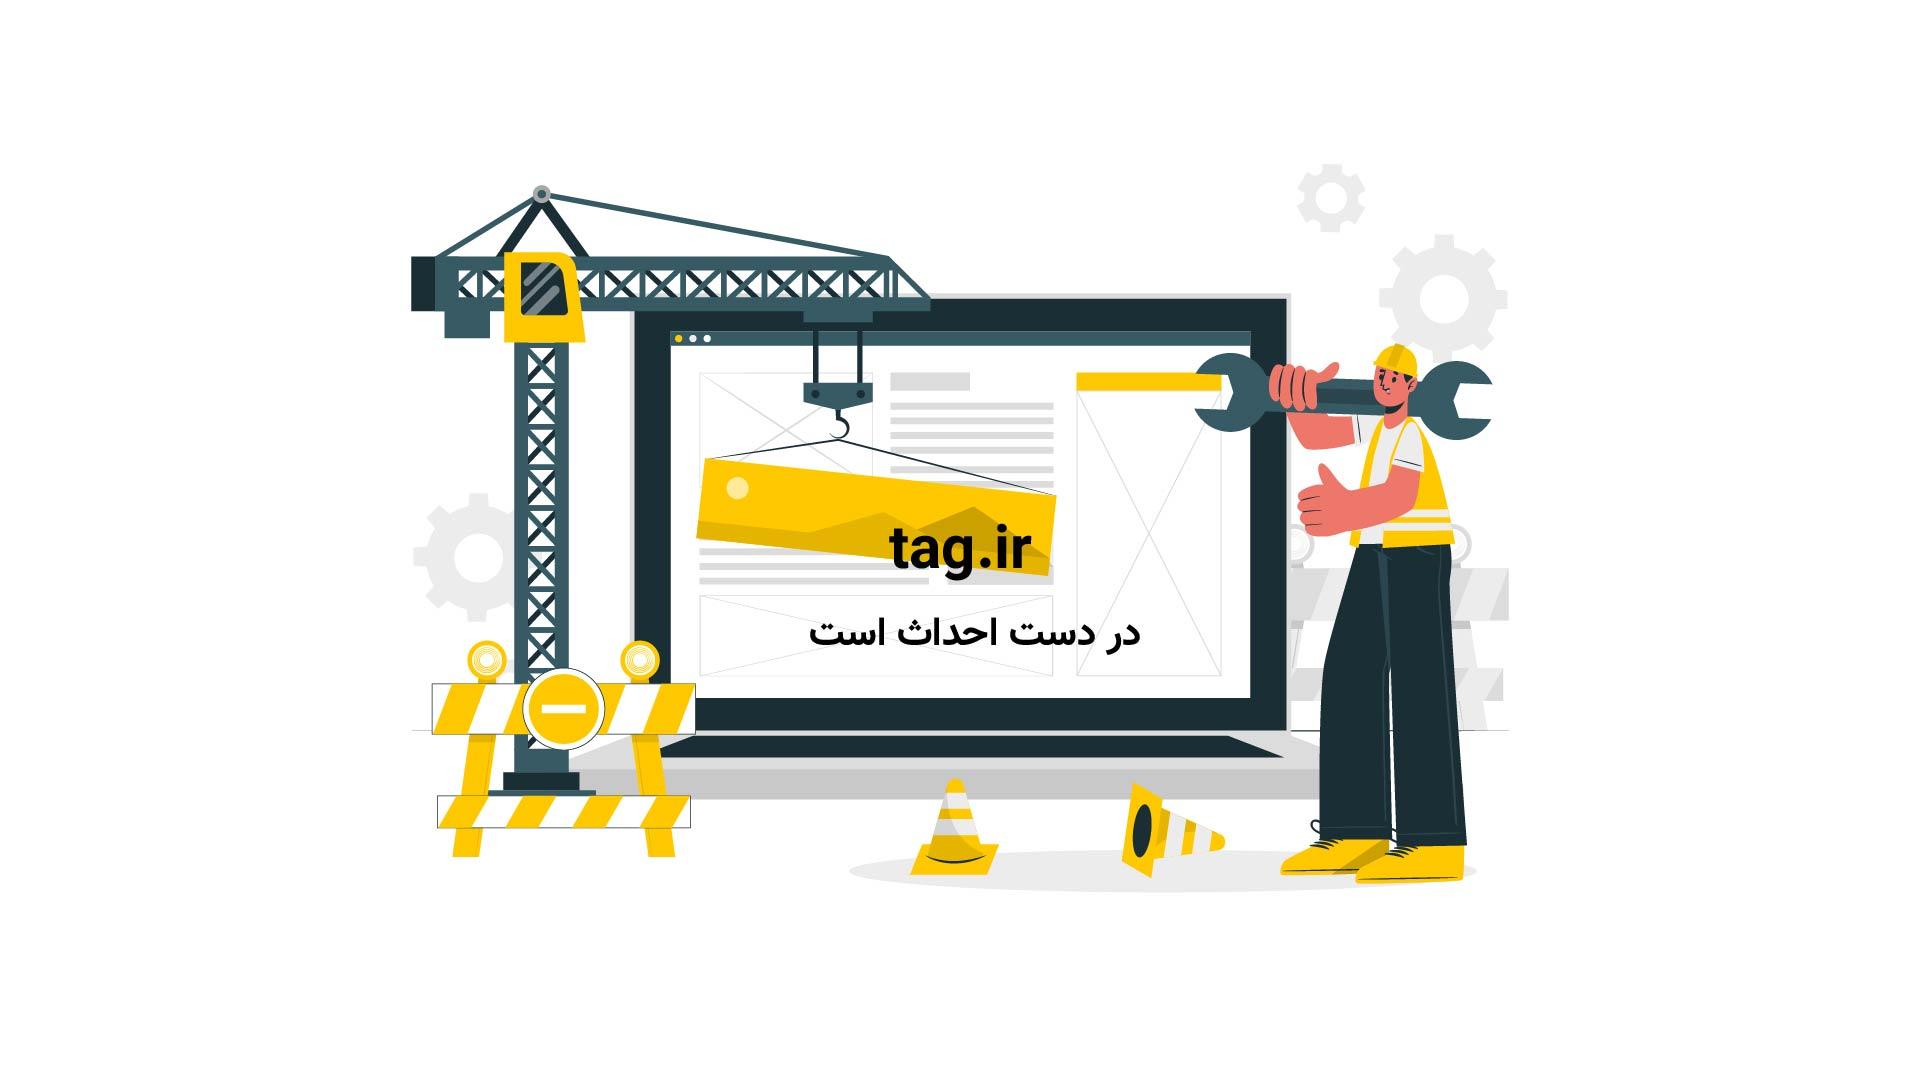 فیلم ساخت یک برج 30 طبقه در 15 روز